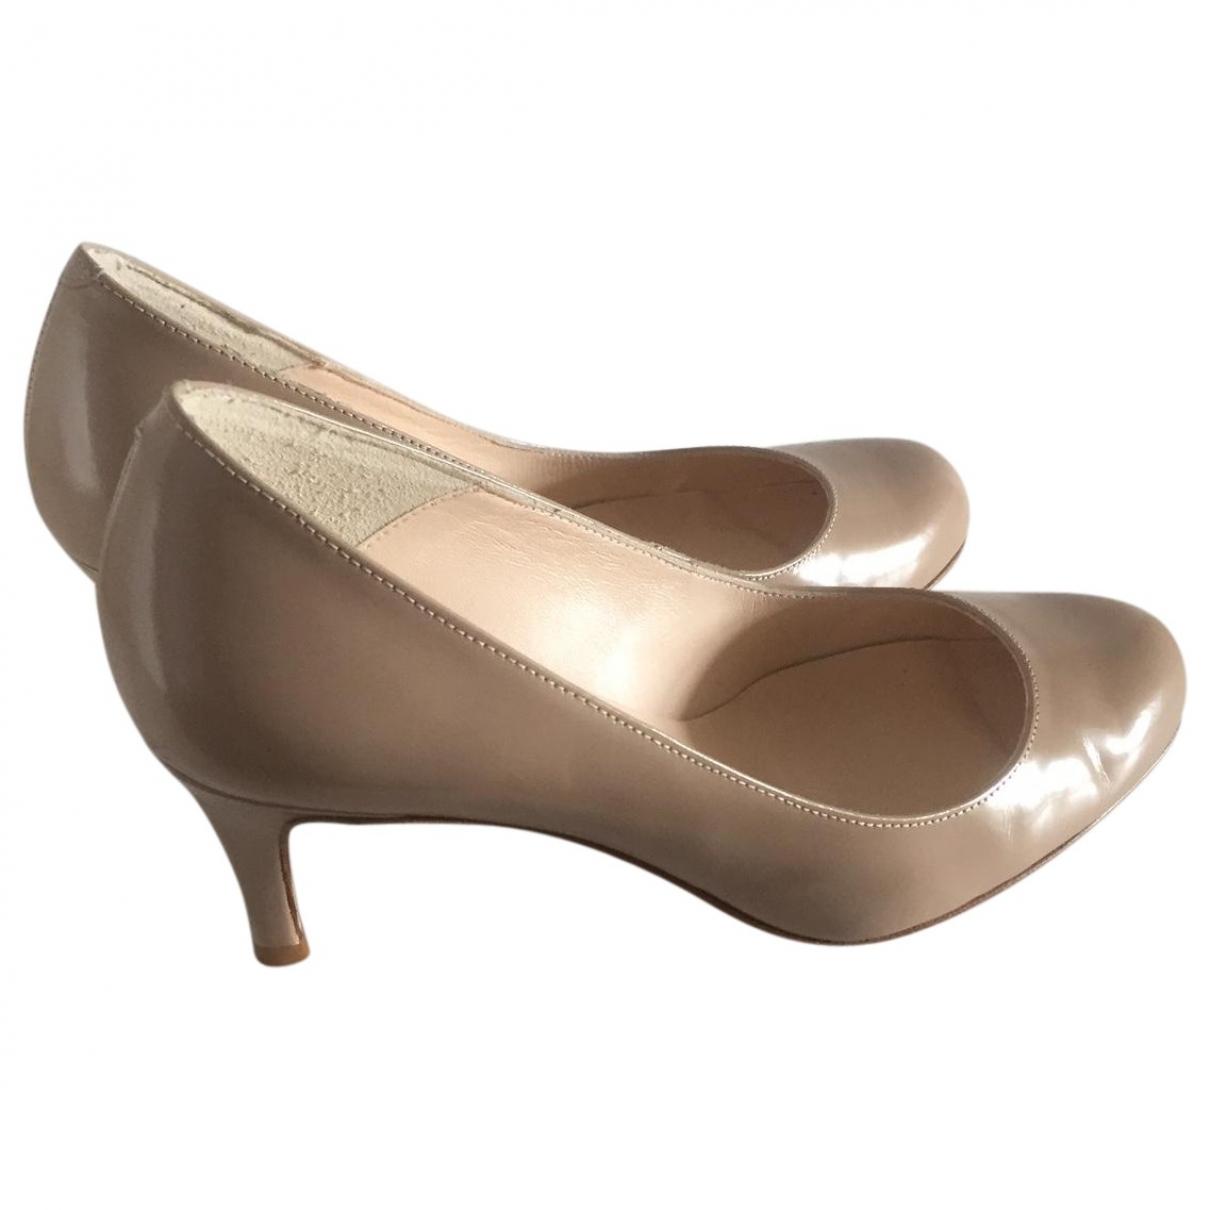 Lk Bennett \N Beige Leather Heels for Women 36 EU